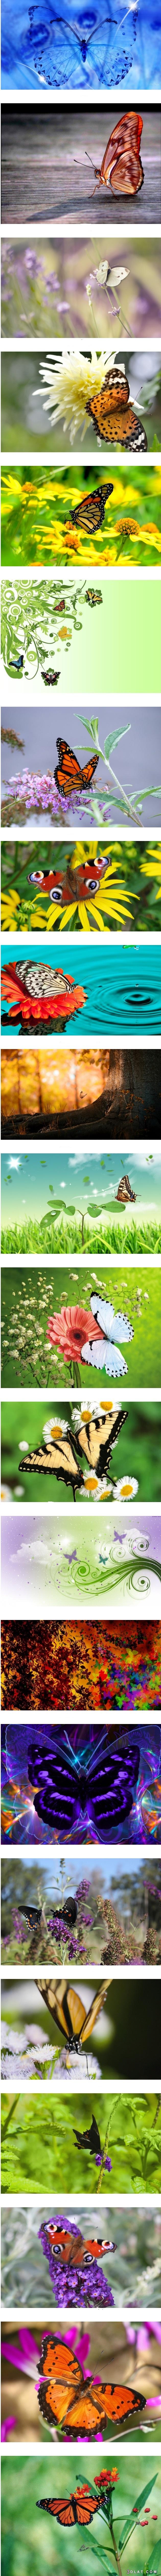 الفراشات وحياتها..صور فراشات بديعة فراشات مختلفة 3dlat.com_02_18_dab6